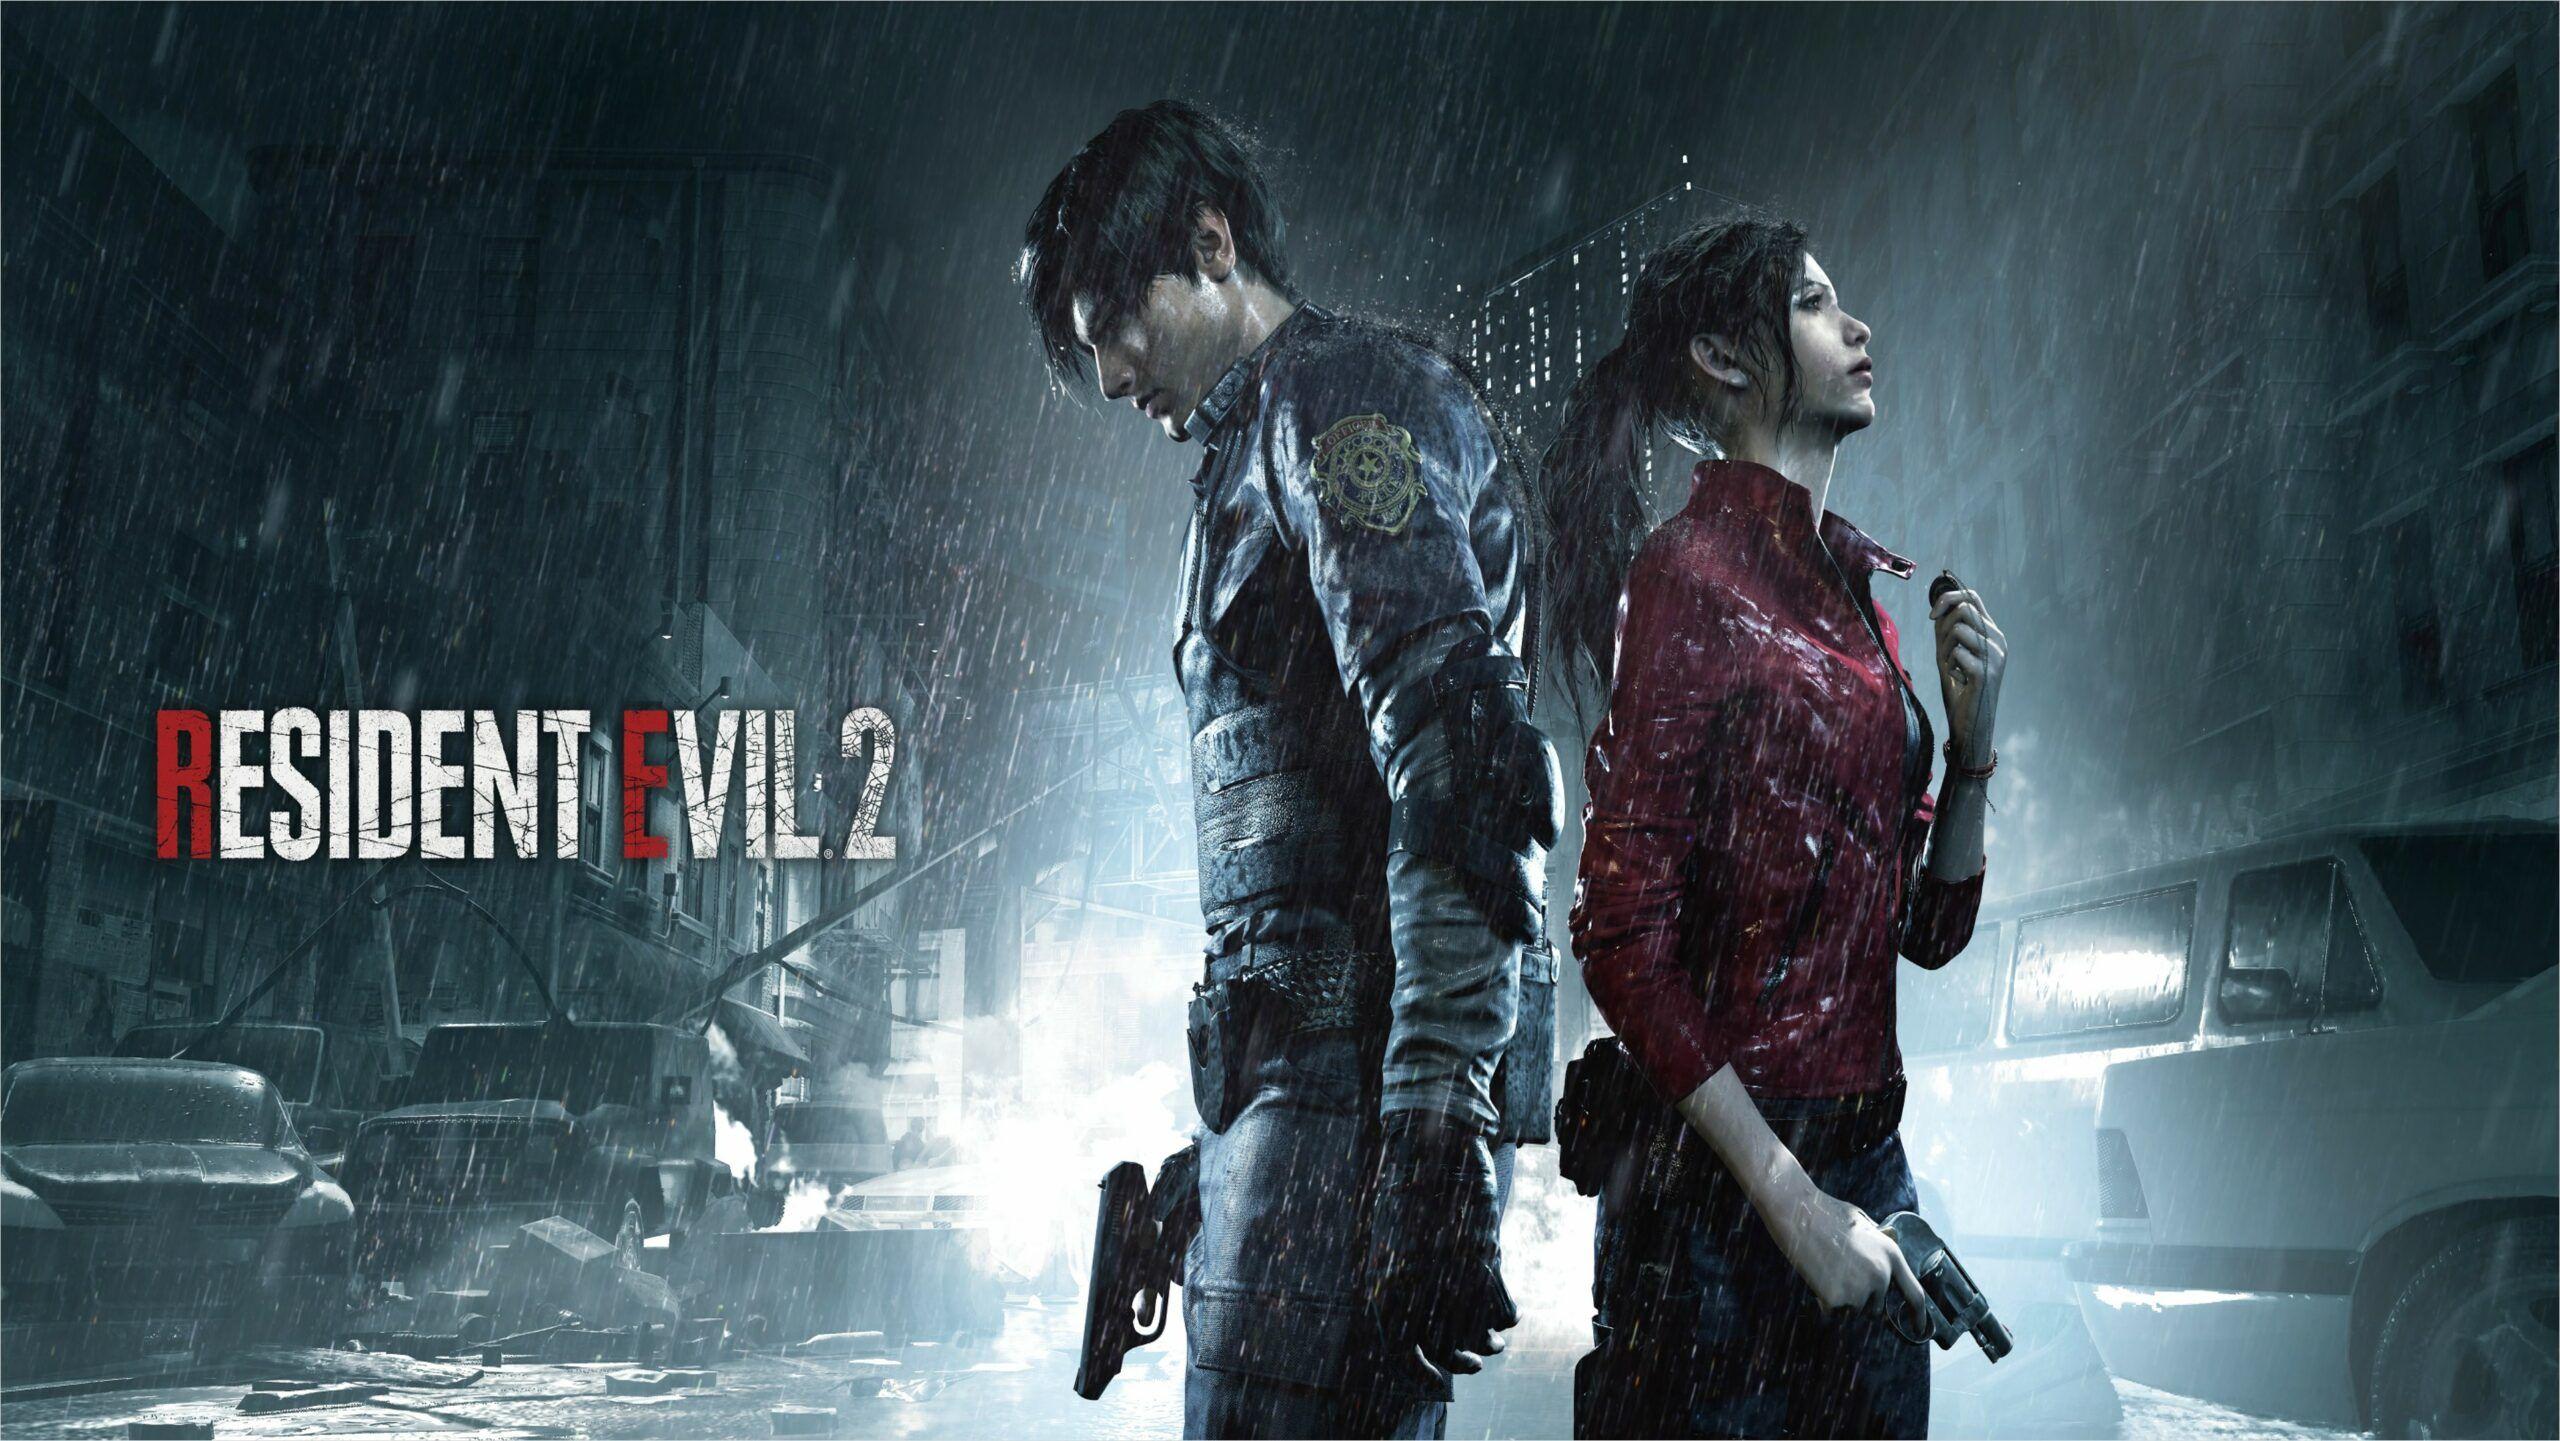 4k Wallpaper Resident Evil In 2020 Resident Evil Resident Evil